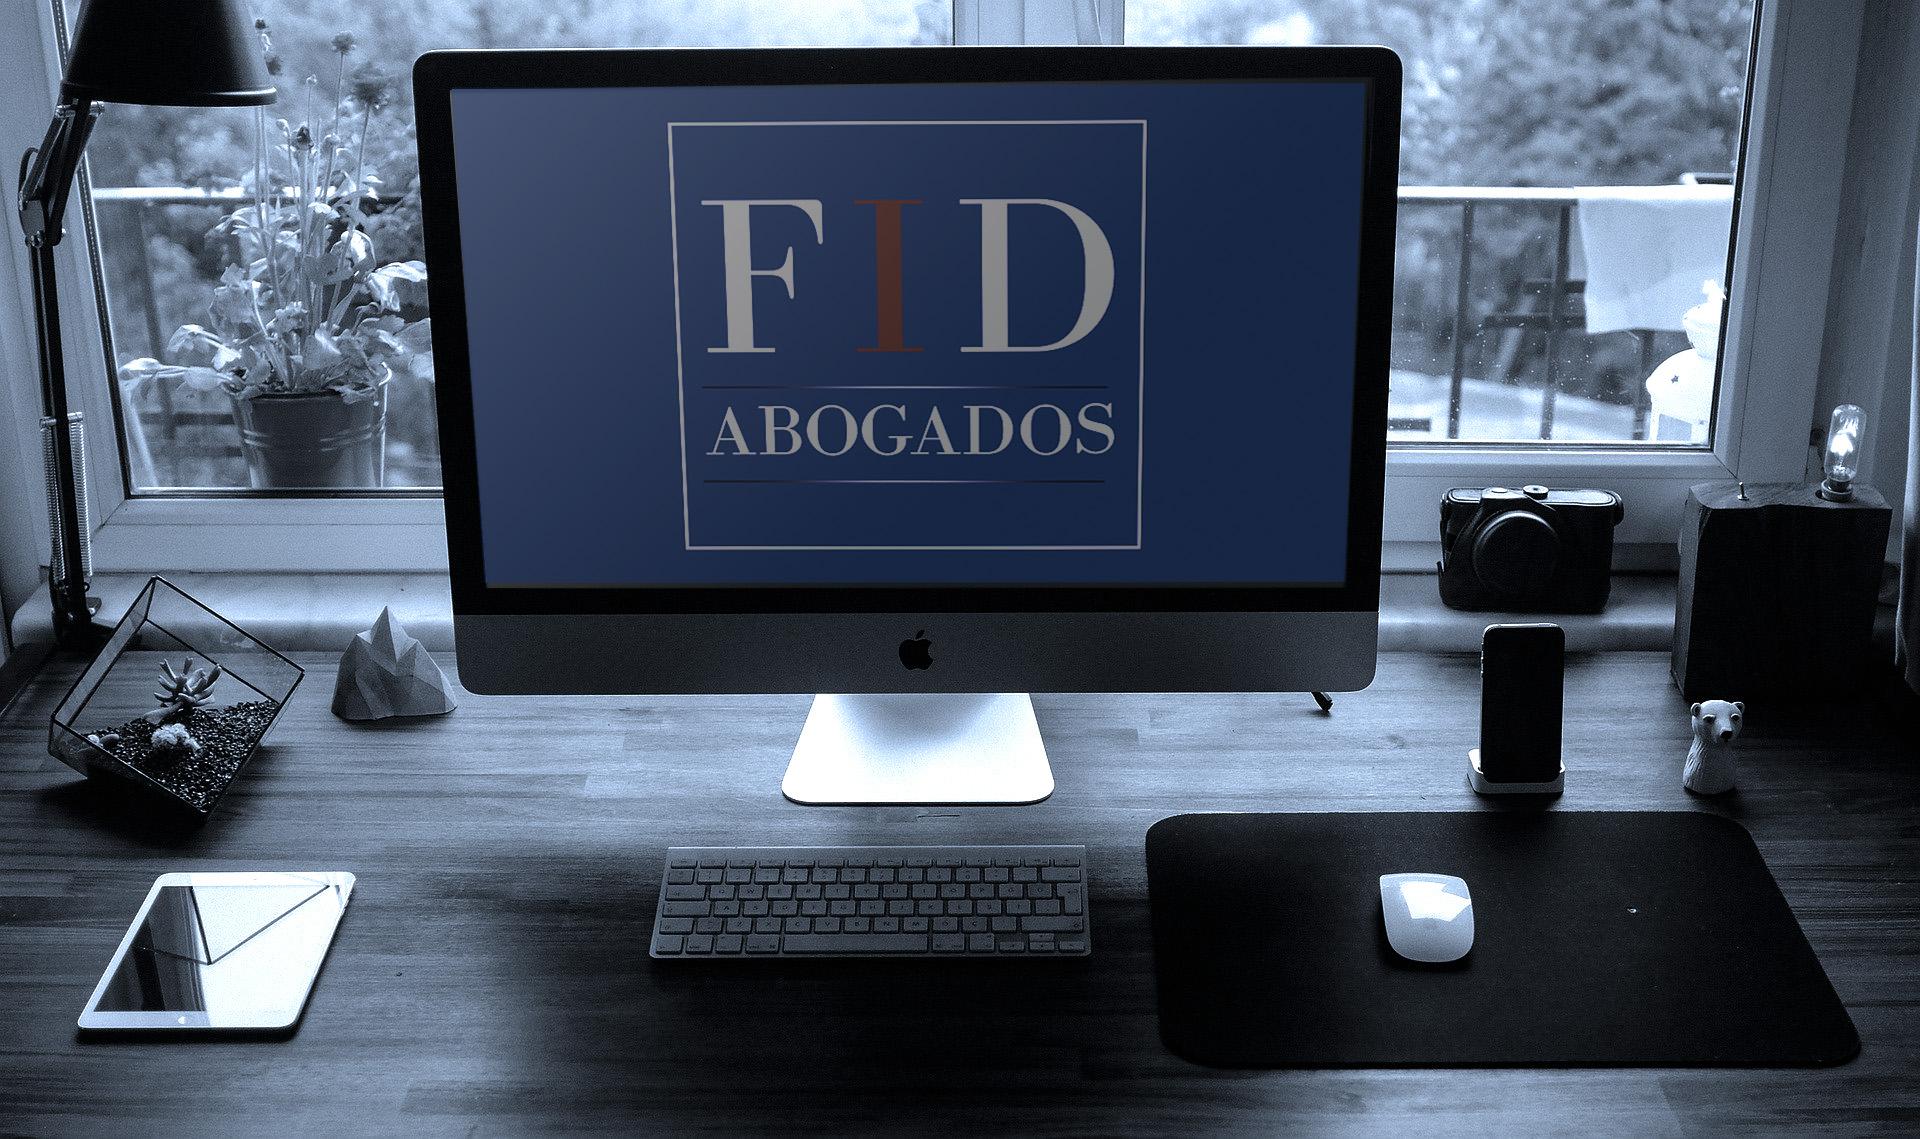 FID-abogados-banner1